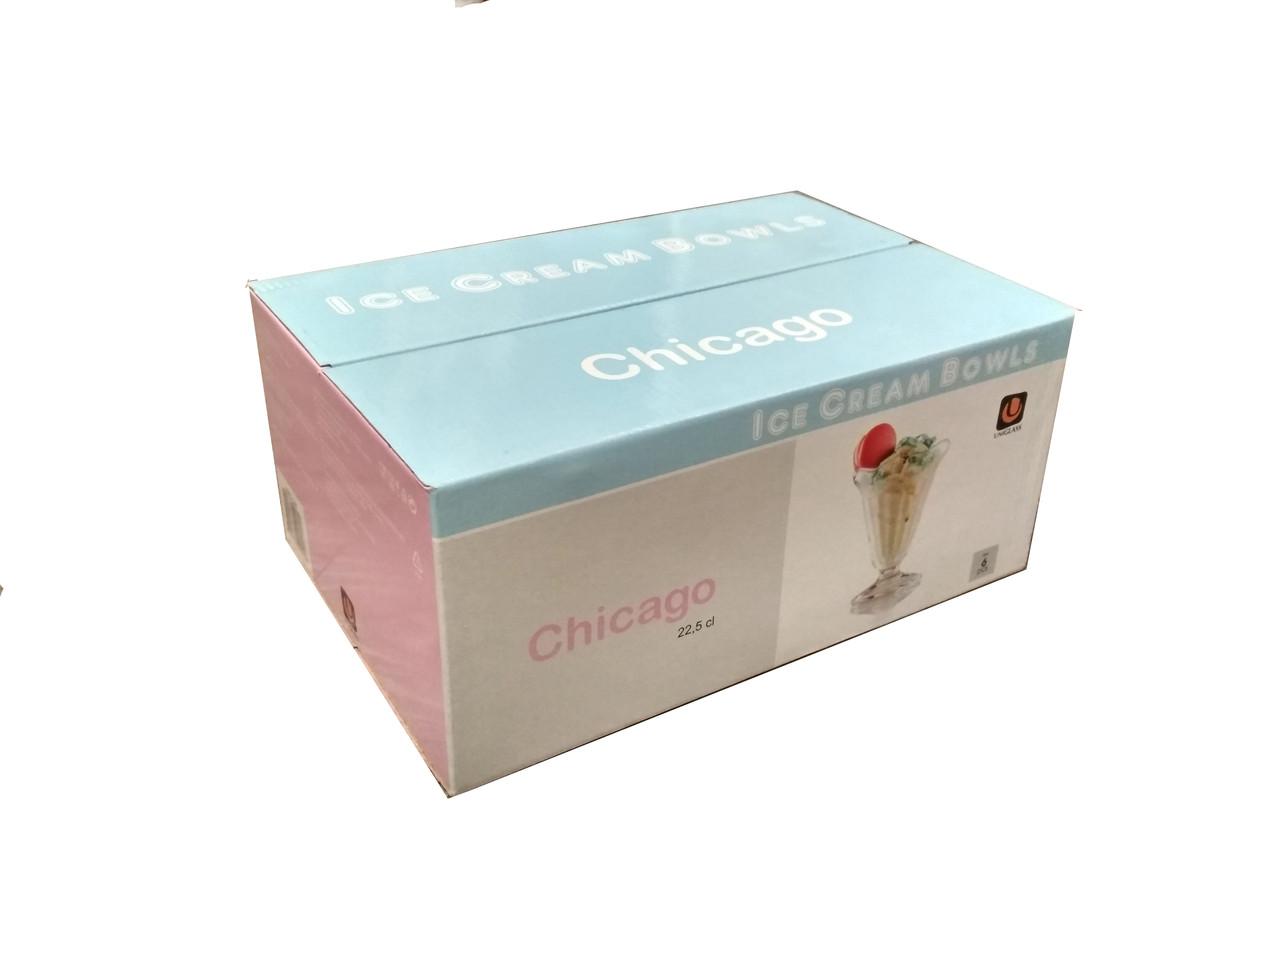 Набор креманок 235 мл стеклянных 6 шт для мороженого и десертов UniGlass Chicago